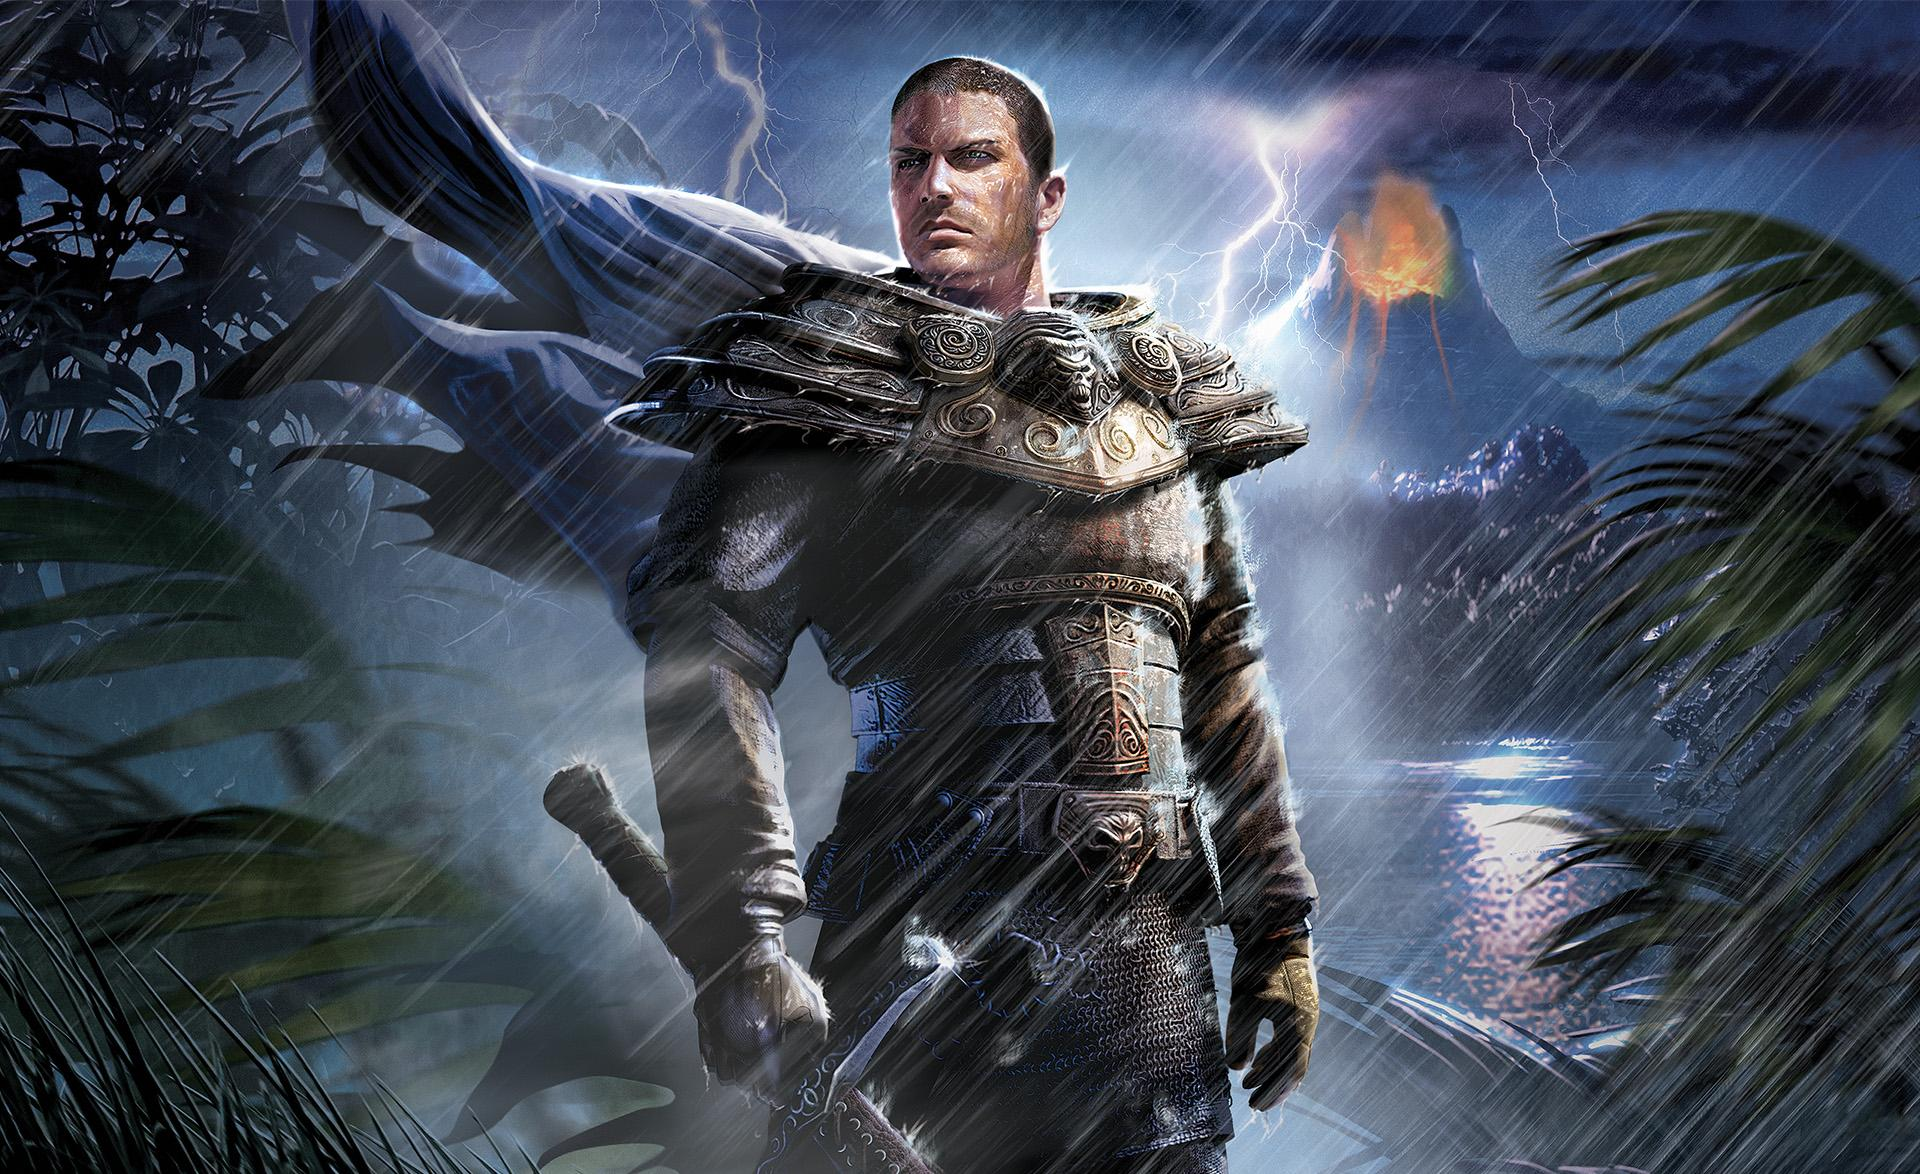 ВSteam скидки до85% наигры серии Risen, NoMan's Sky идругие известные проекты